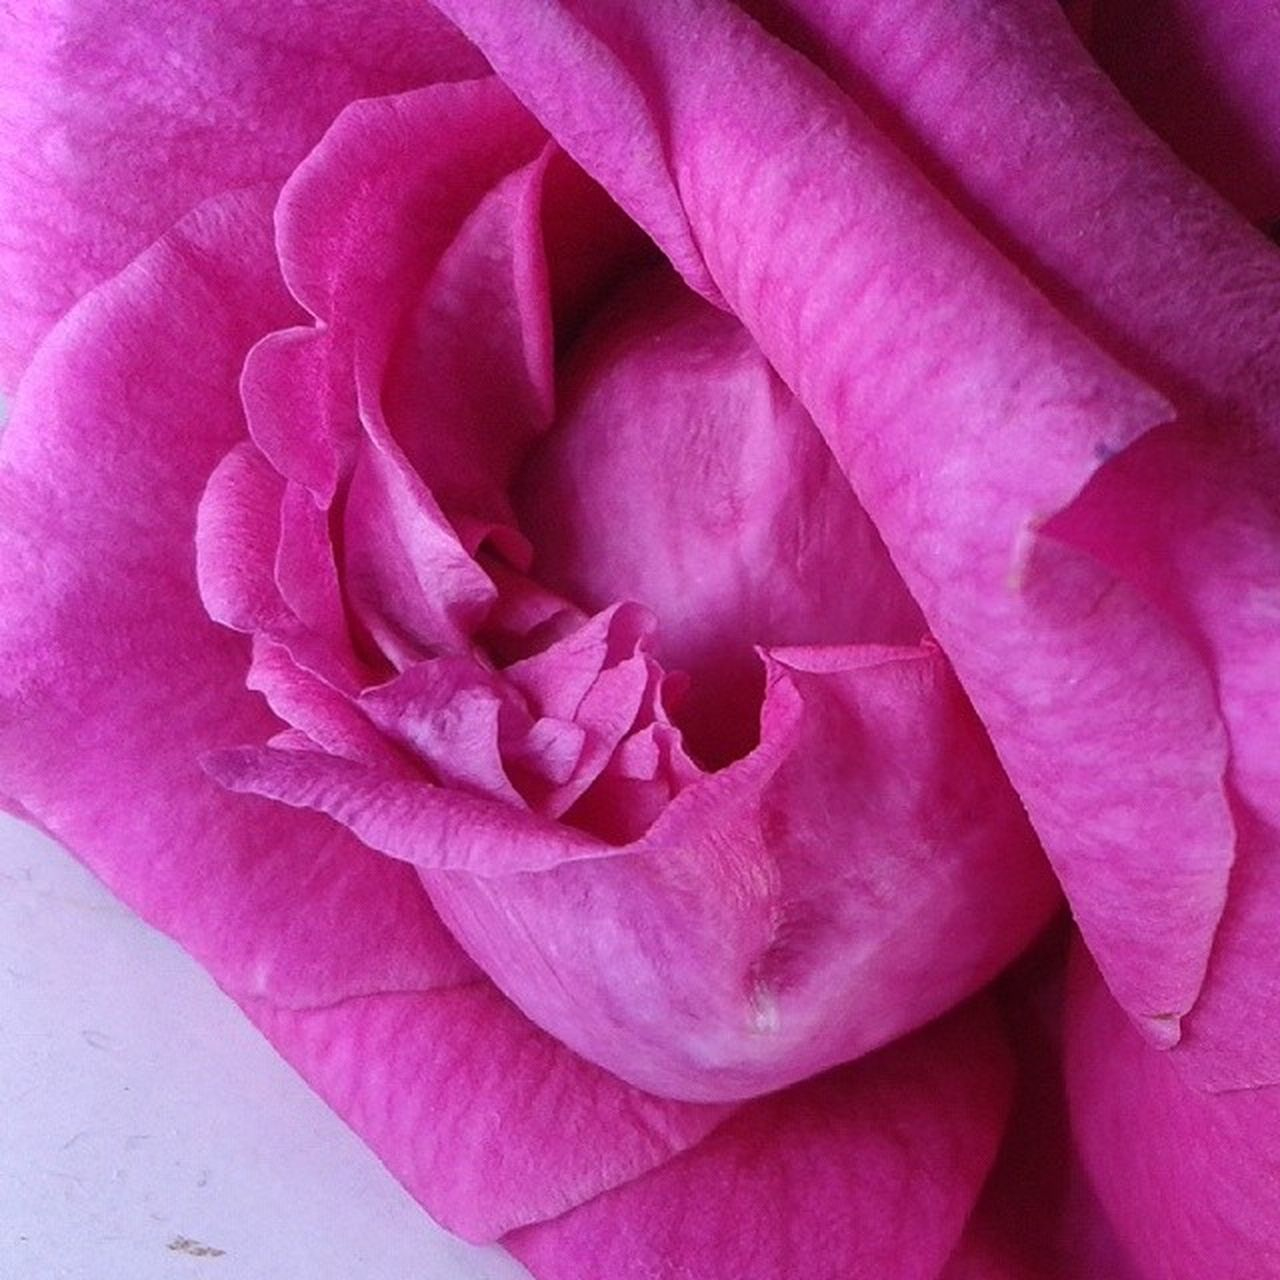 Rosé Tgif_hdr Pink Picsart HDR Arte_of_nature Allunique_pro Bestnatureshot Closeup Contest 54weely Ig_cameras_united Igcapturesclub Ig_closeups Instadaily Ig_worldclub Macro Tgif_nature Tgif_flower Flowers